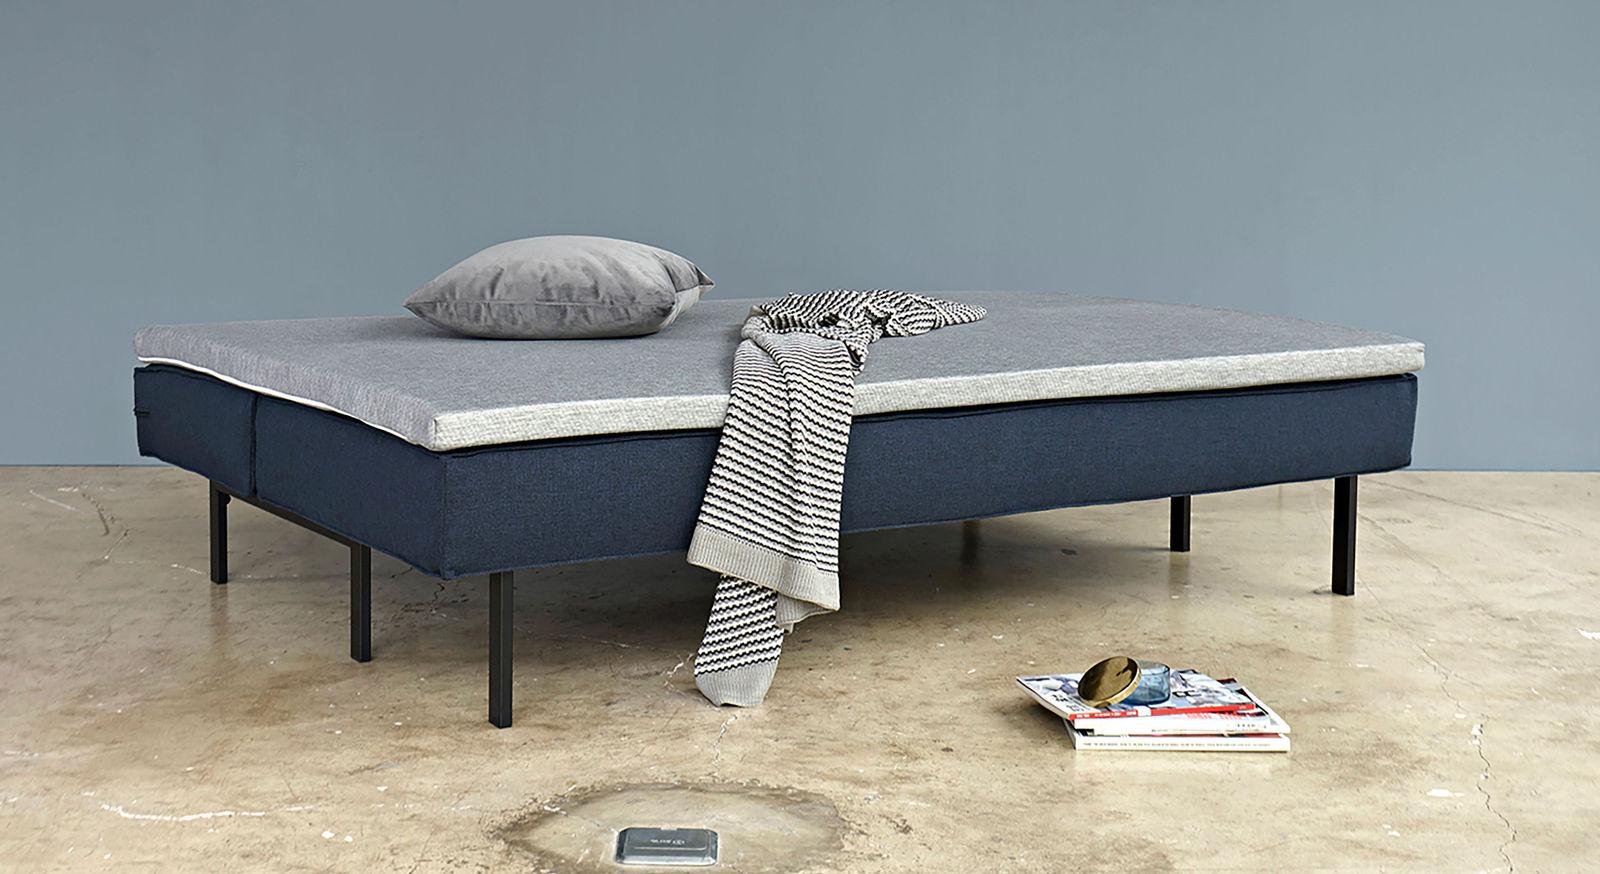 bettlaken f r topper fotos das wirklich erstaunlich mobelpix. Black Bedroom Furniture Sets. Home Design Ideas